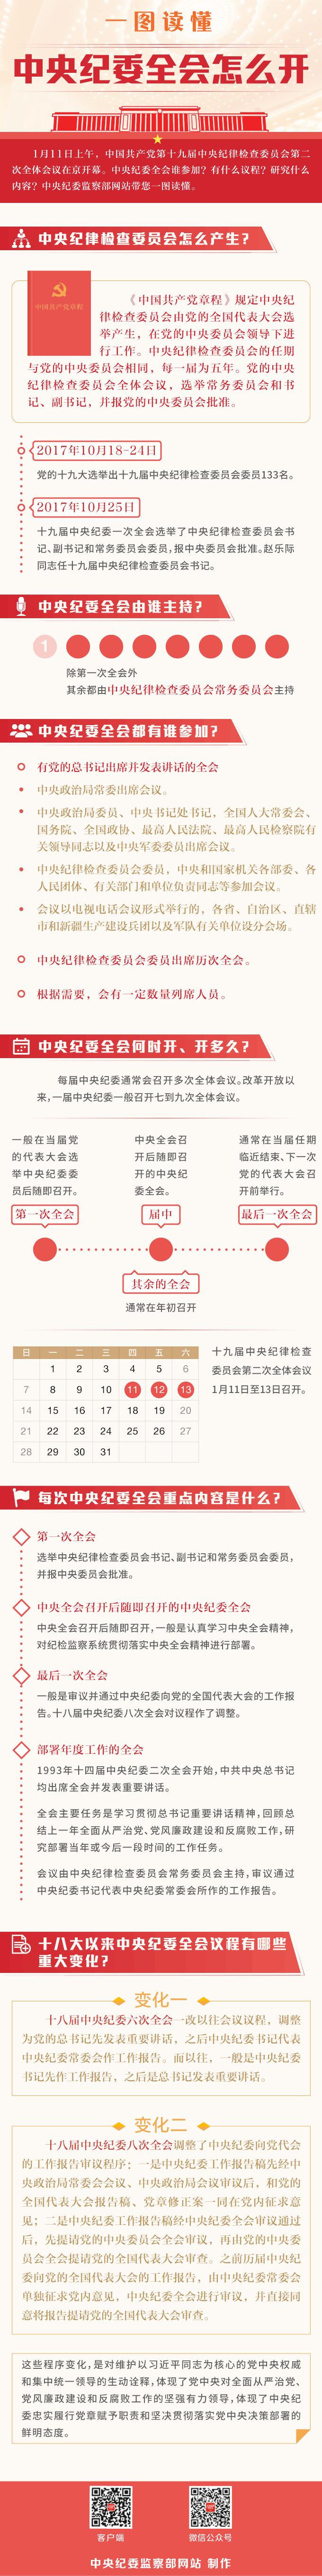 中央纪委监察部网站1.png